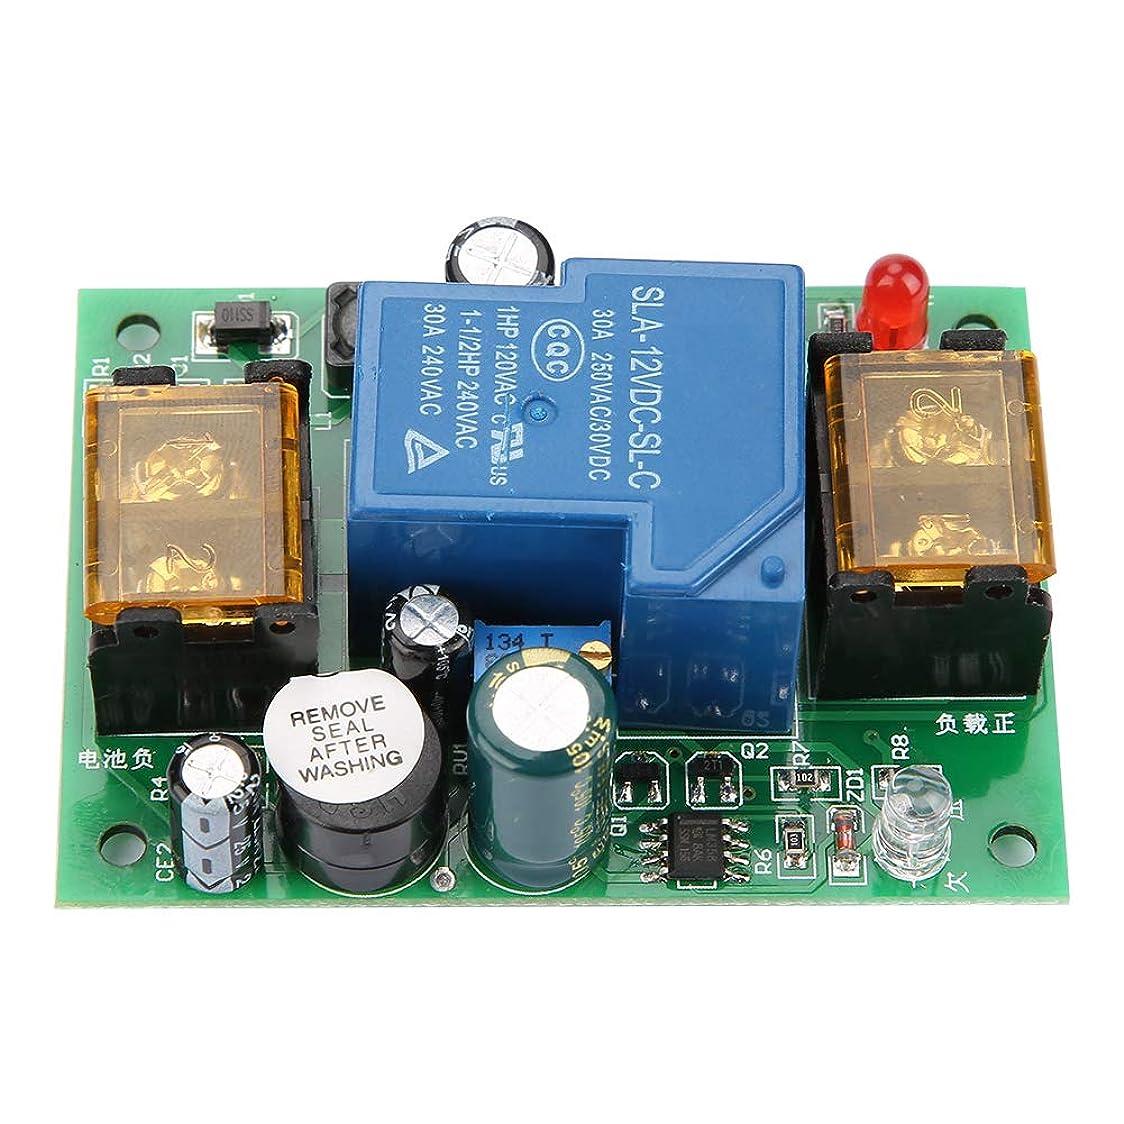 百バンカーくしゃみ12V 24V 36V 48V安全保証低バッテリ電圧オーバー放電保護ボード放電コントローラ